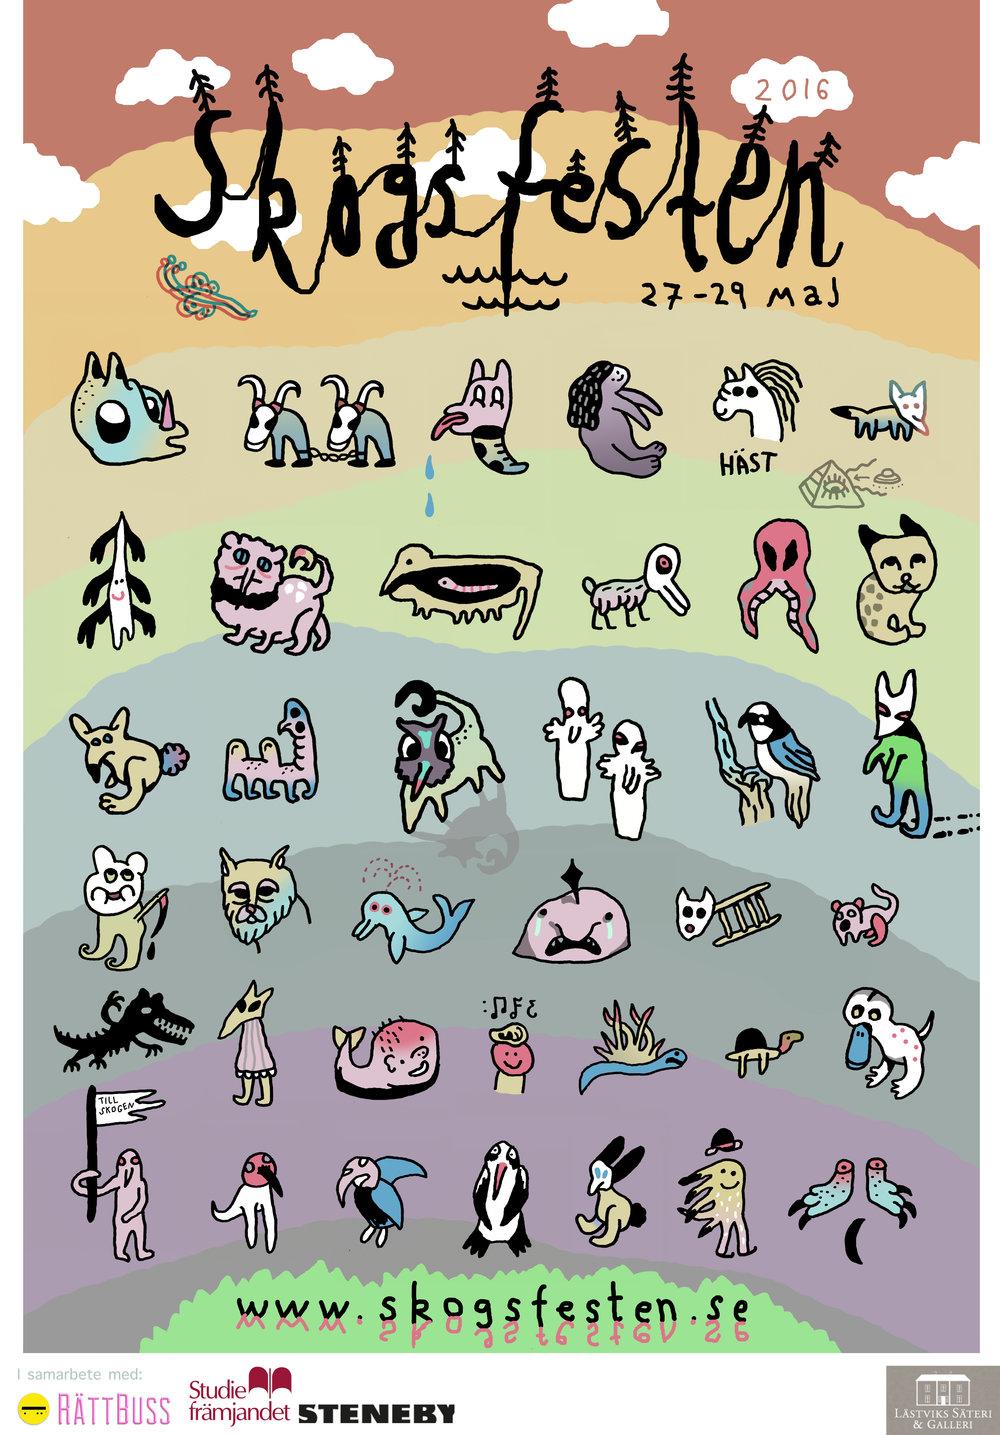 Skogsfestenaffisch med loggor.jpg